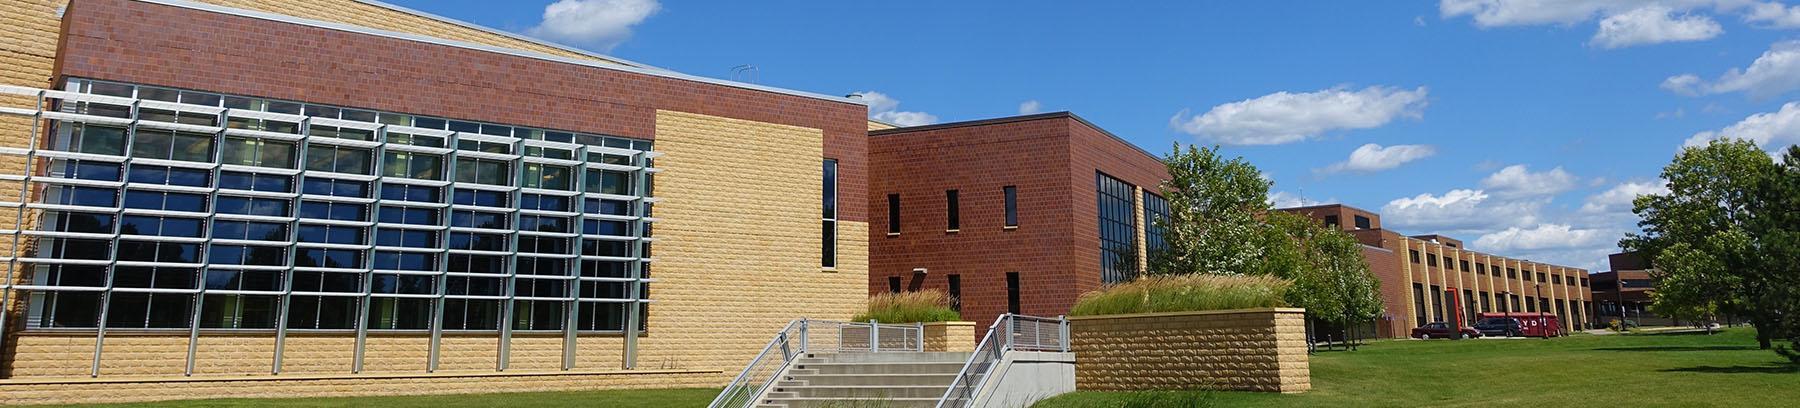 Century College Campus